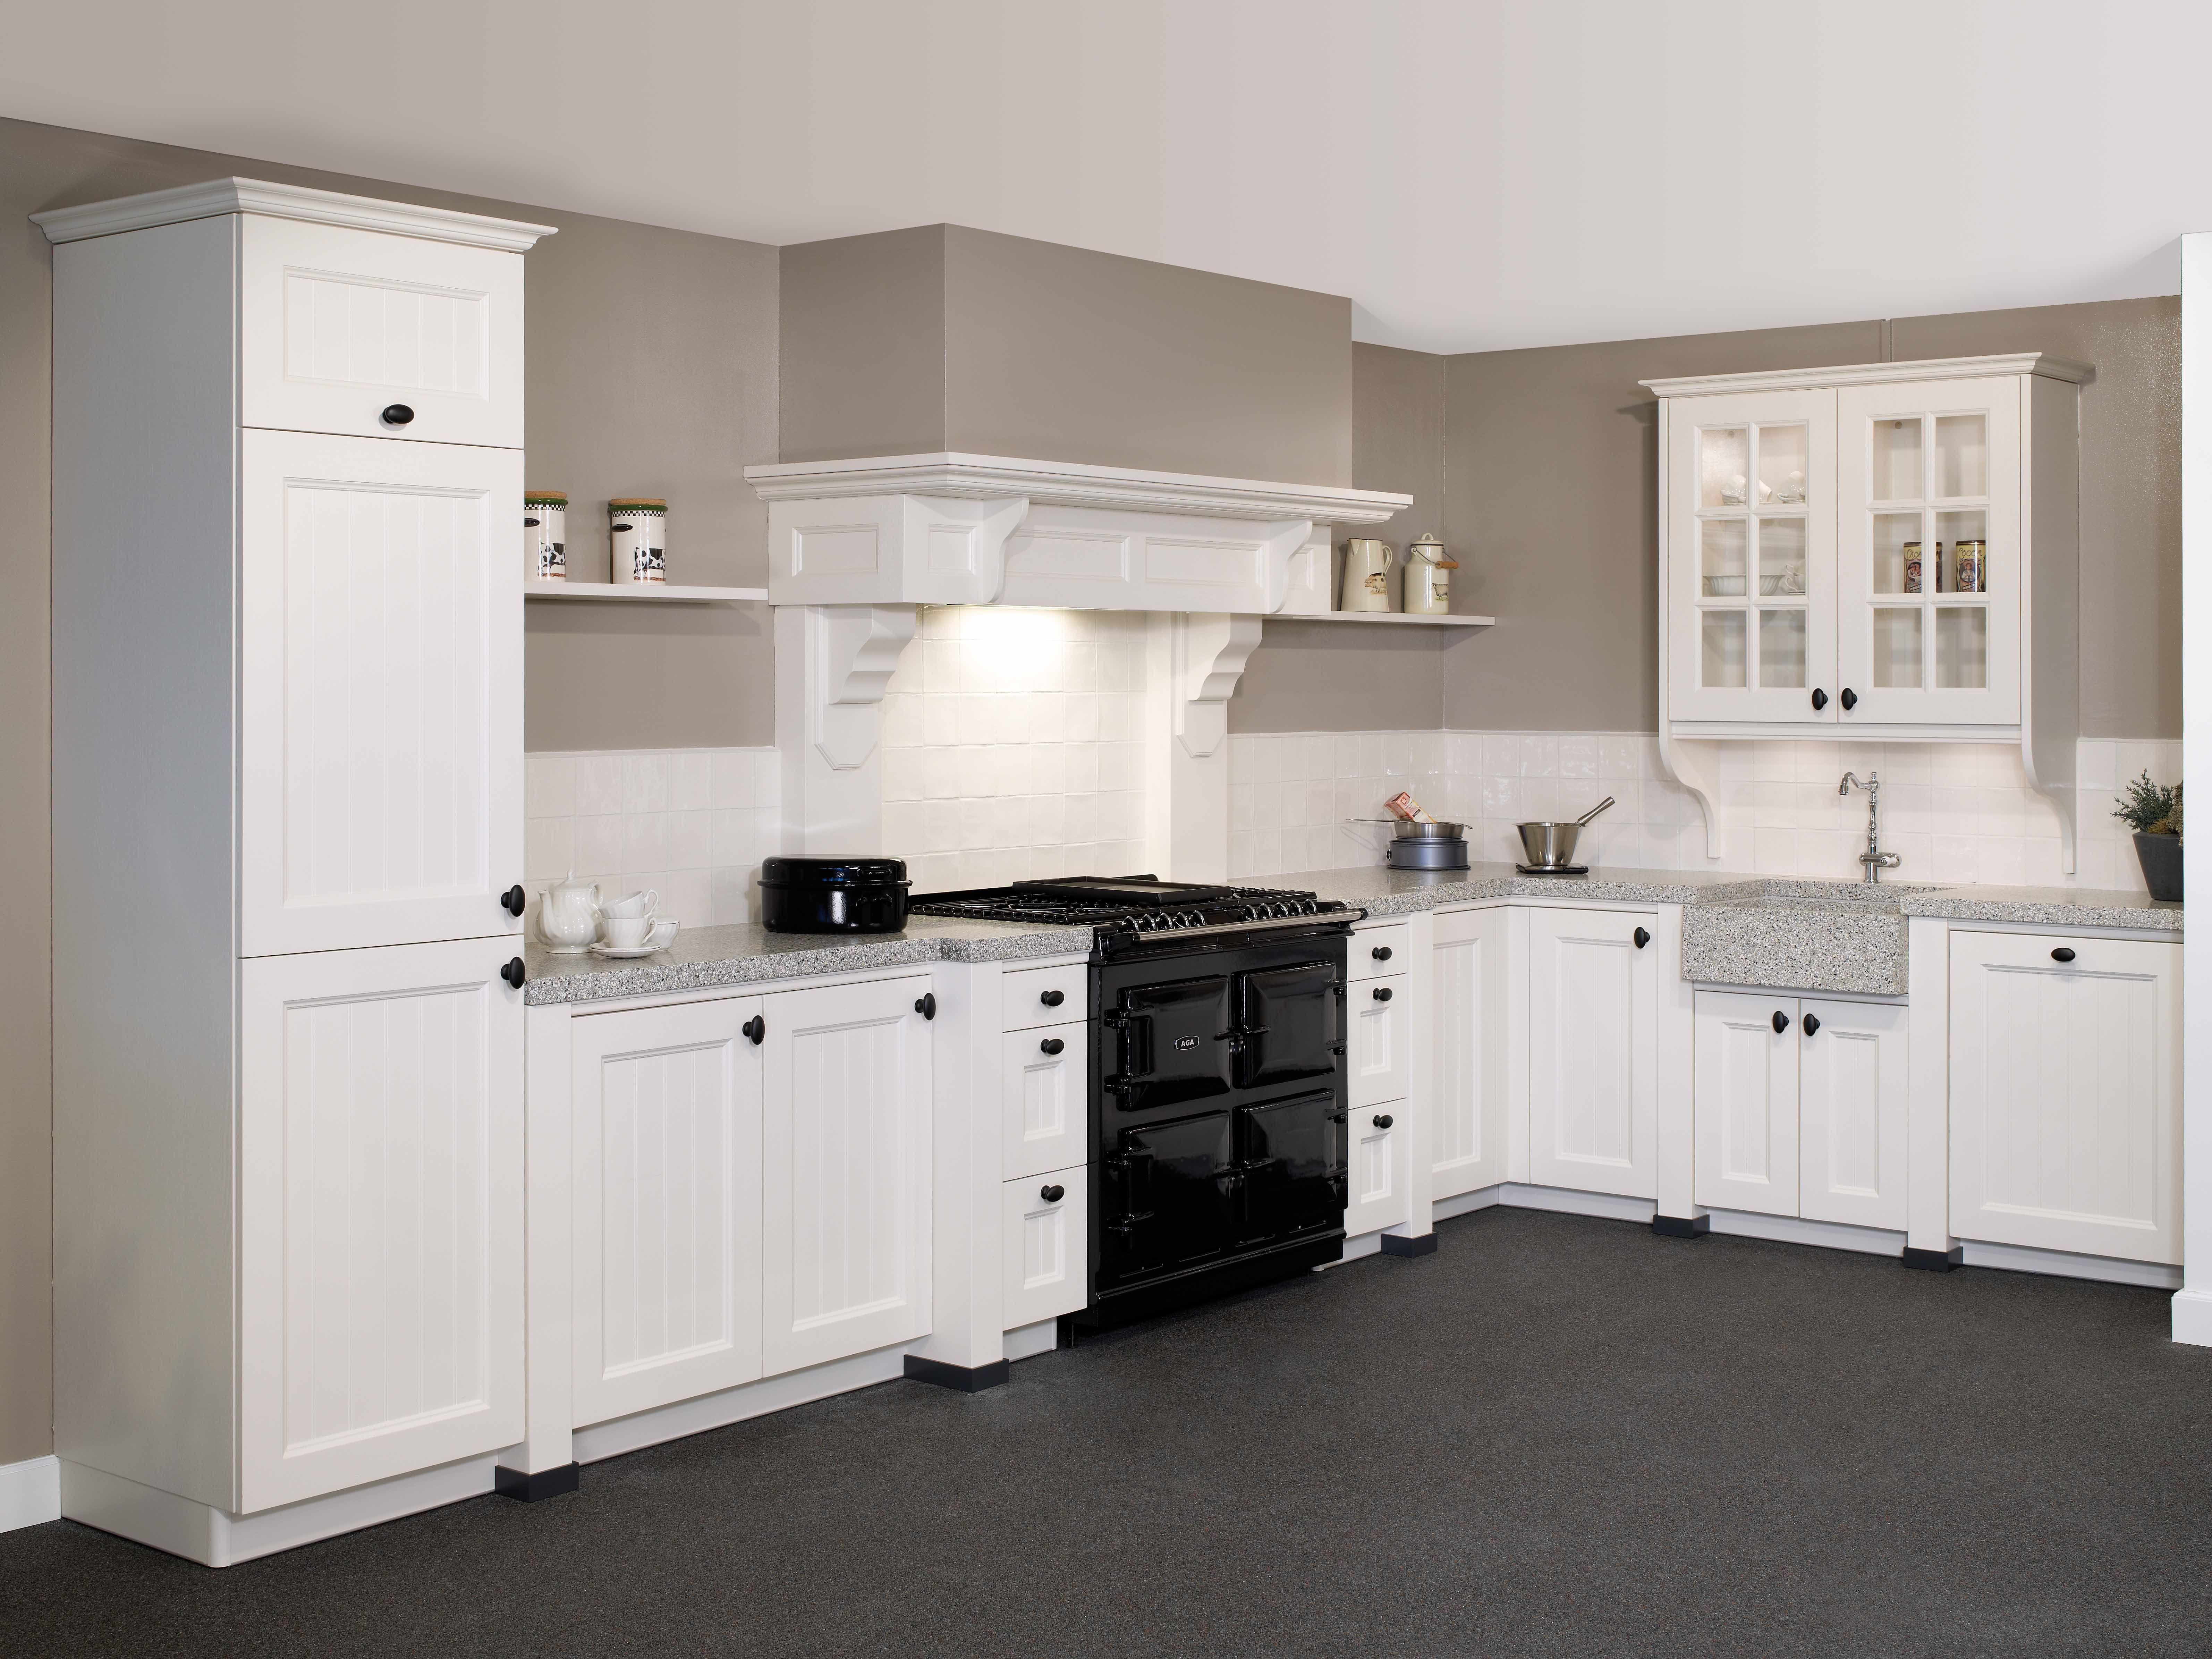 tristar keuken type 39 keulen 39 in de kleur 39 oud wit 39 dit model is verkrijgbaar bij keukencentrum